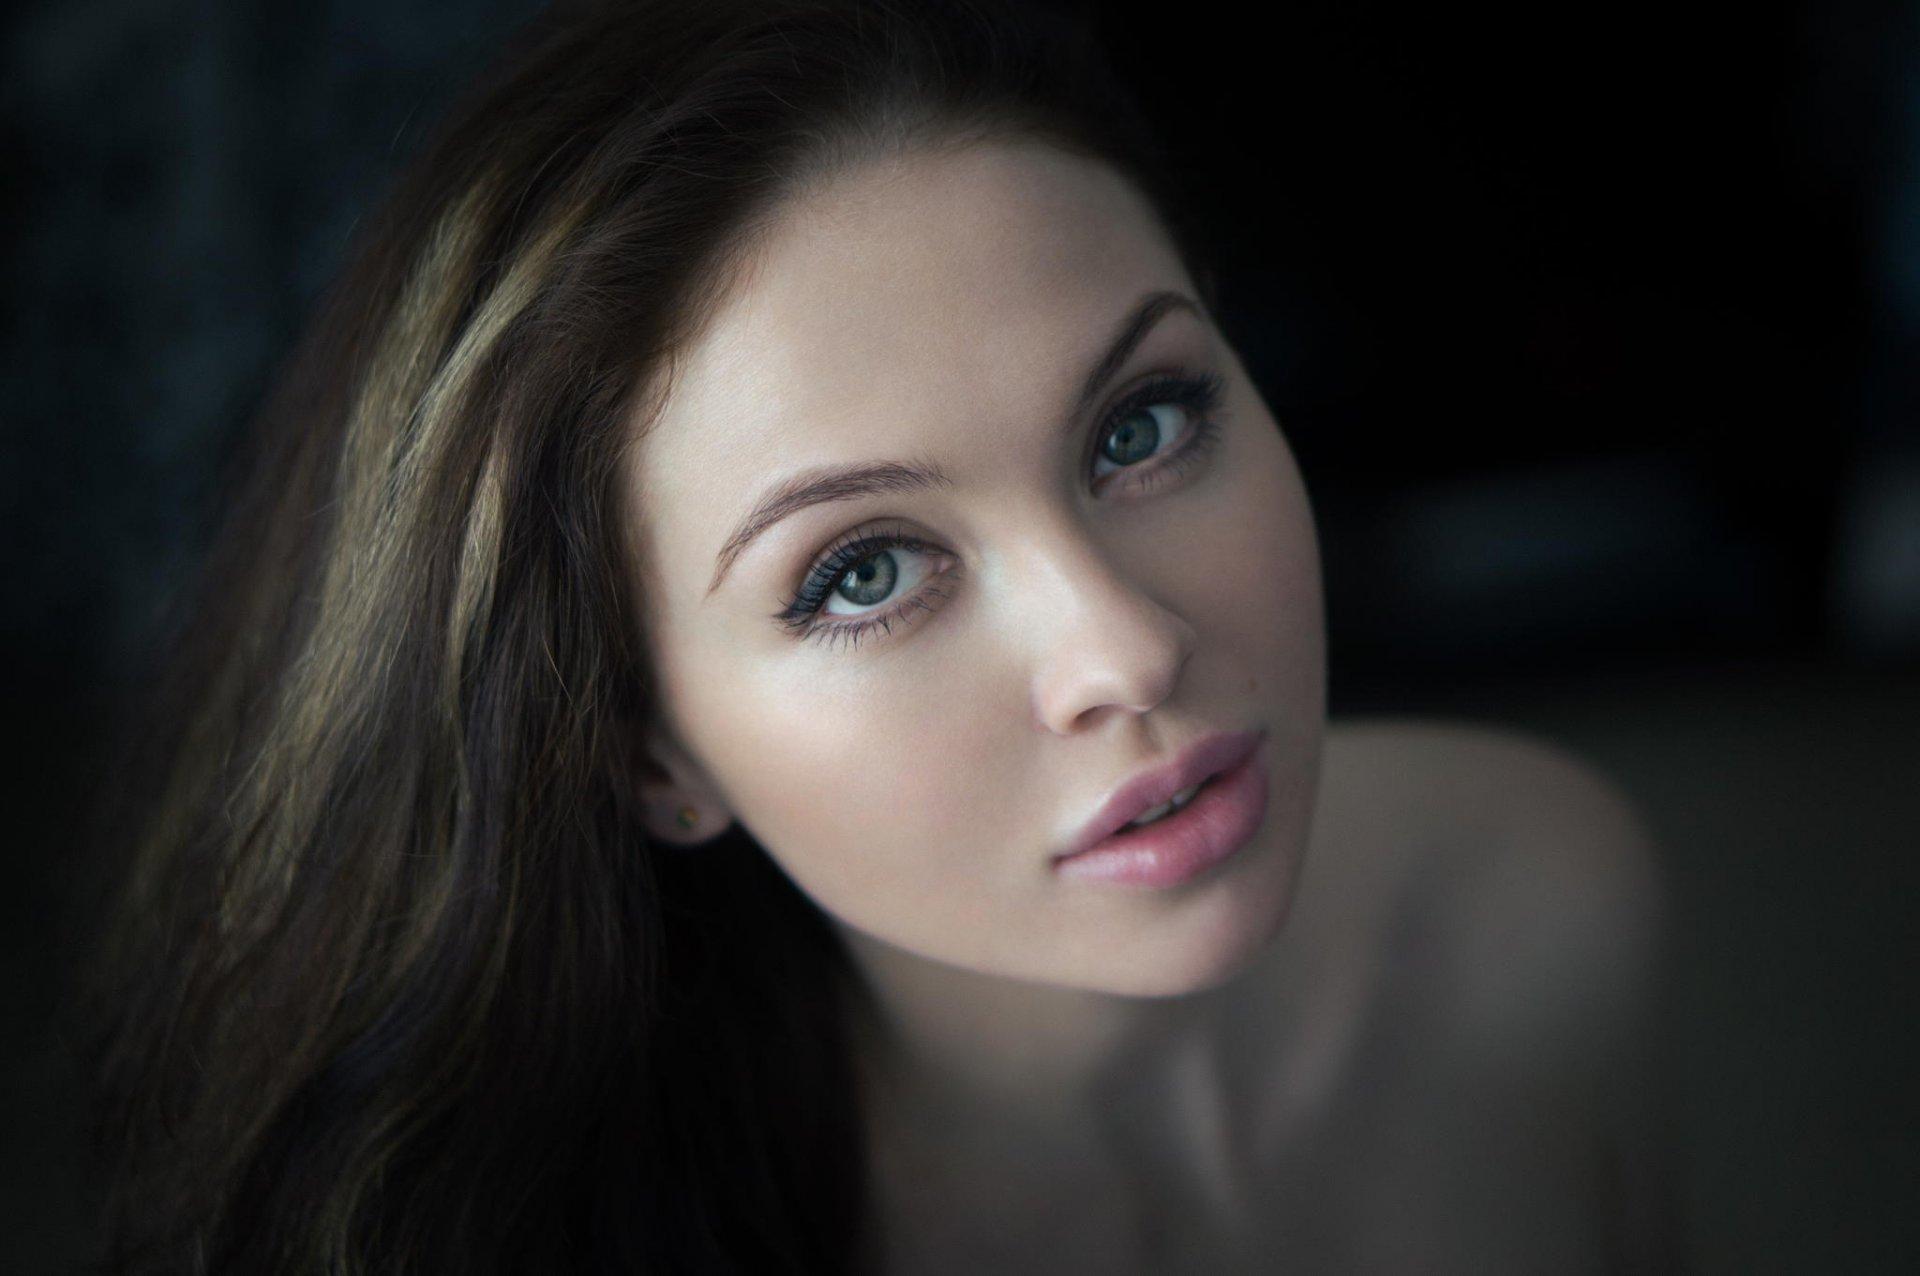 Крупным планом девичье лицо смотреть онлайн